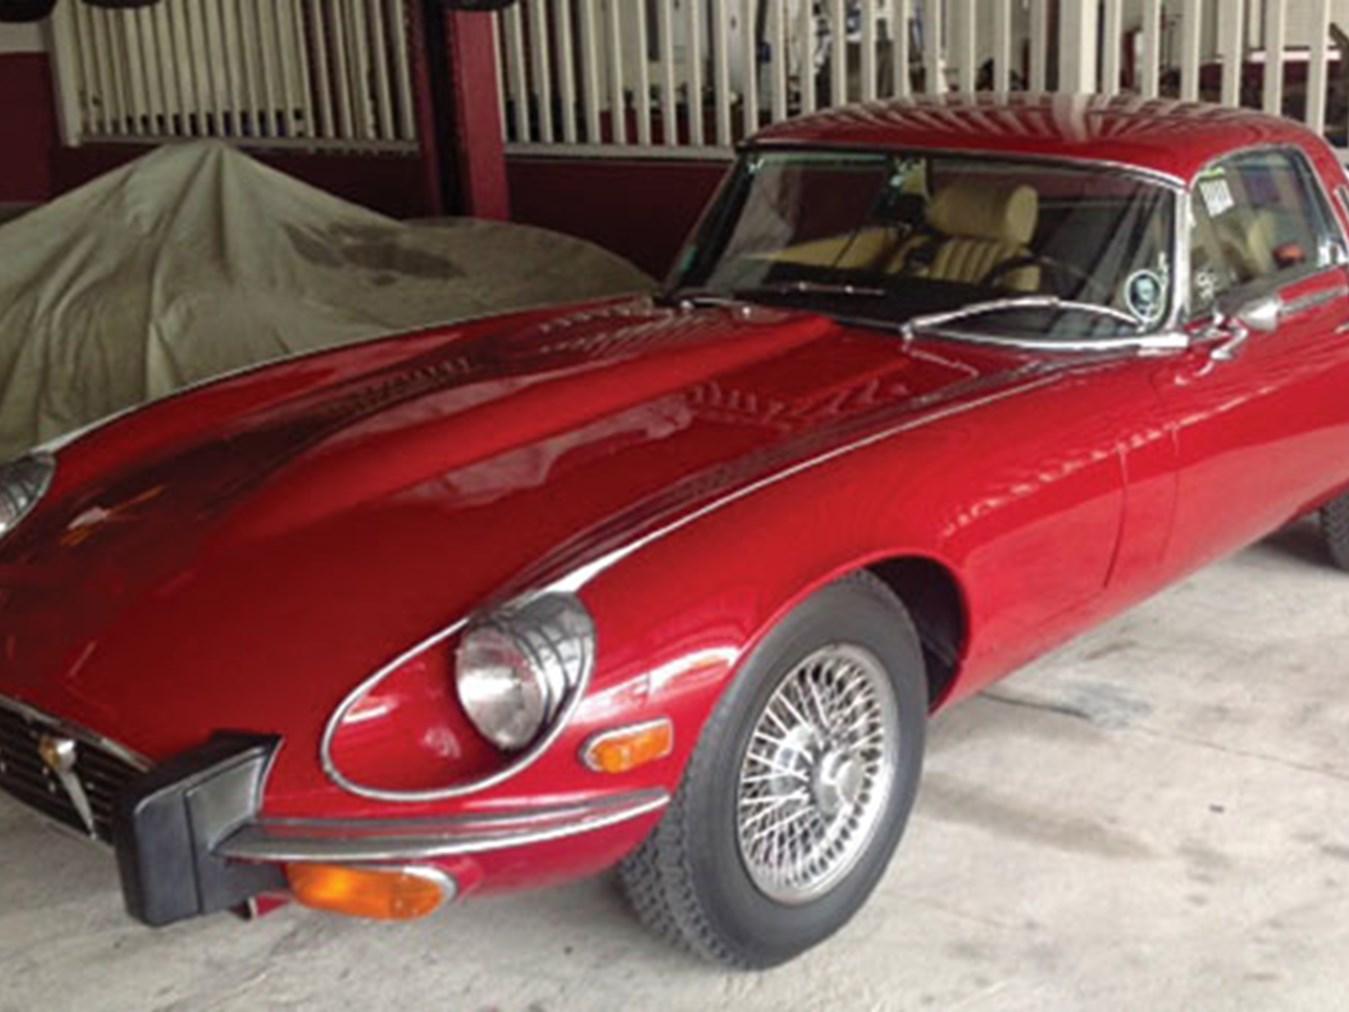 fort for pin convertiblefort lauderdaleunited convertible sale xjs states pinterest jaguar lauderdale jaguars